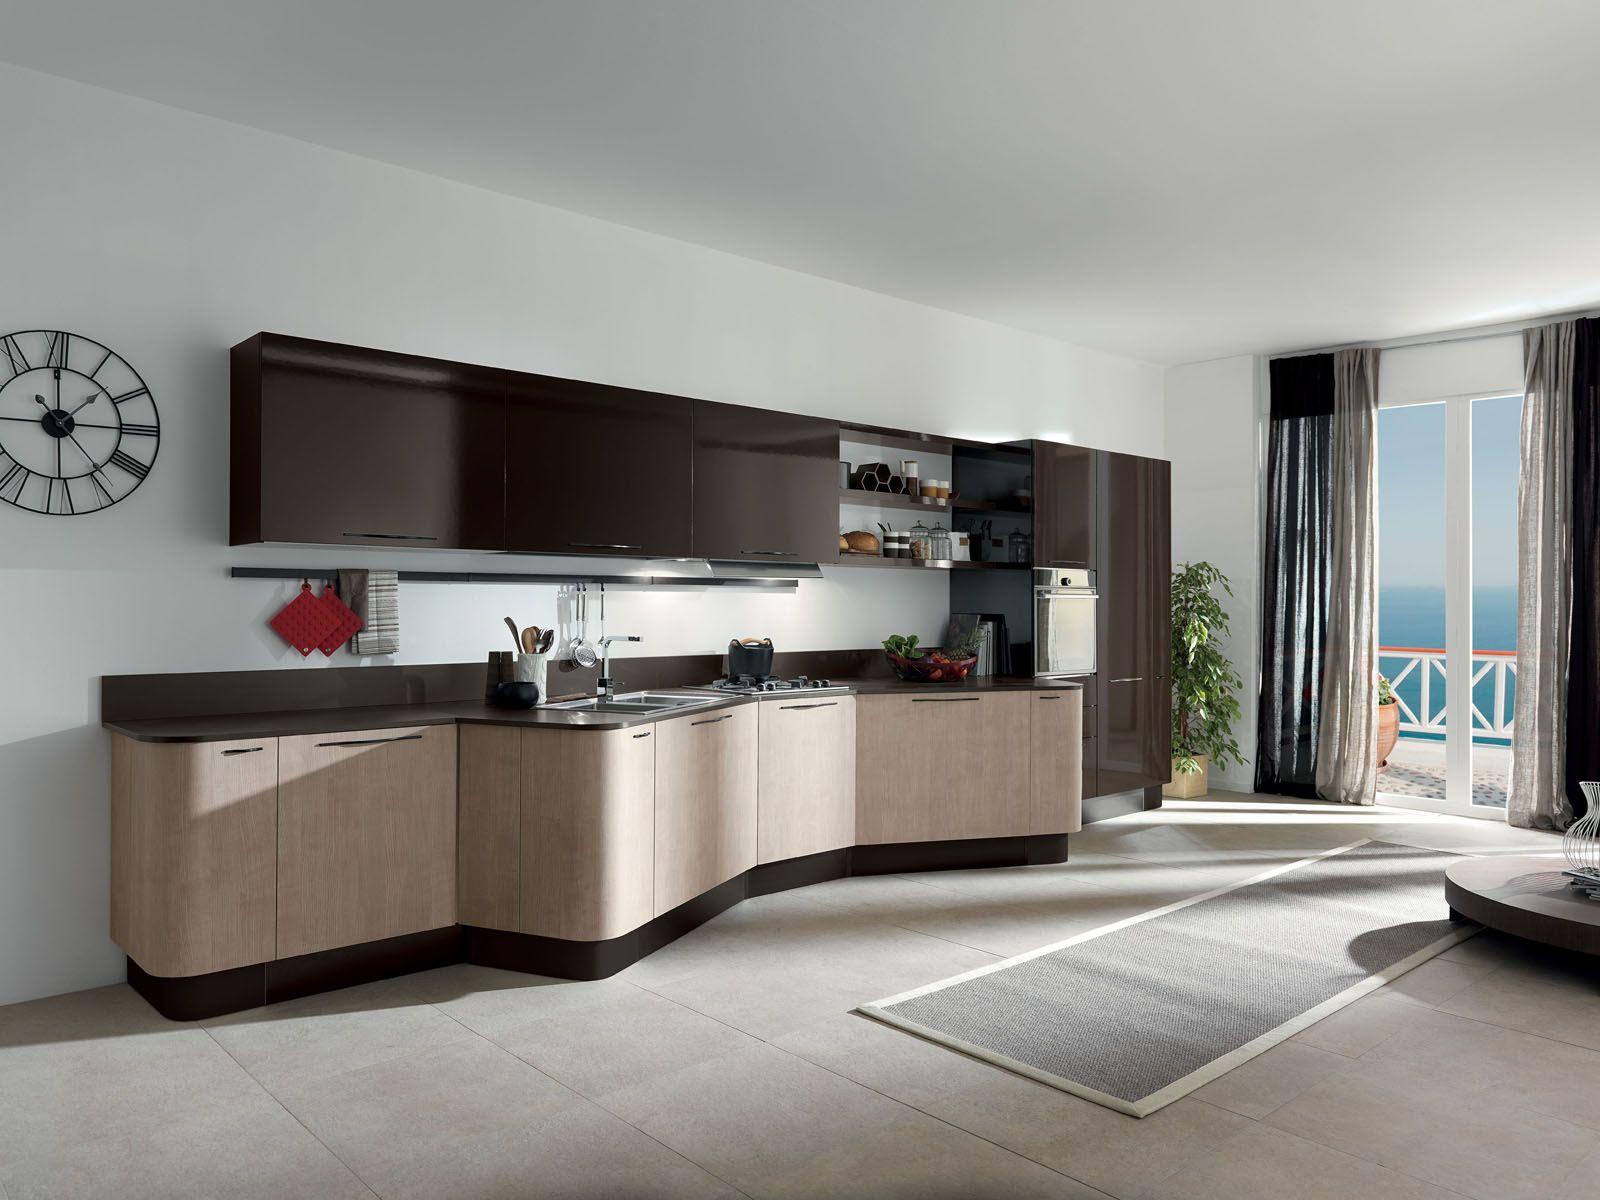 Cucine Aran | Le cucine di Sicom Arredamenti | Pinterest | Piccolo ...